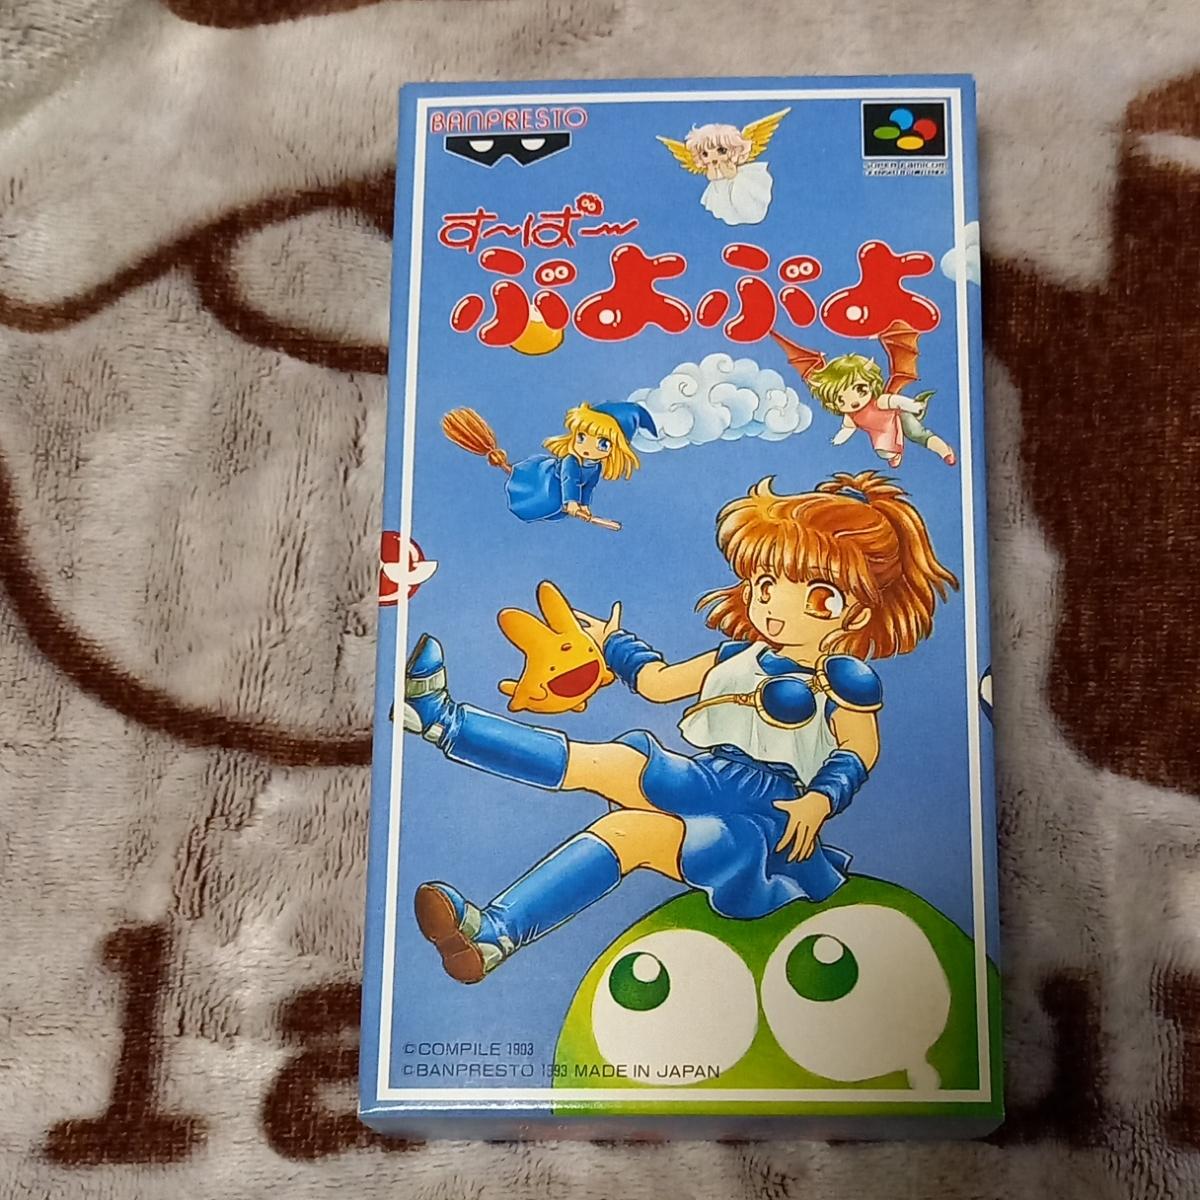 SFC スーパーファミコン ソフト「ぷよぷよ」